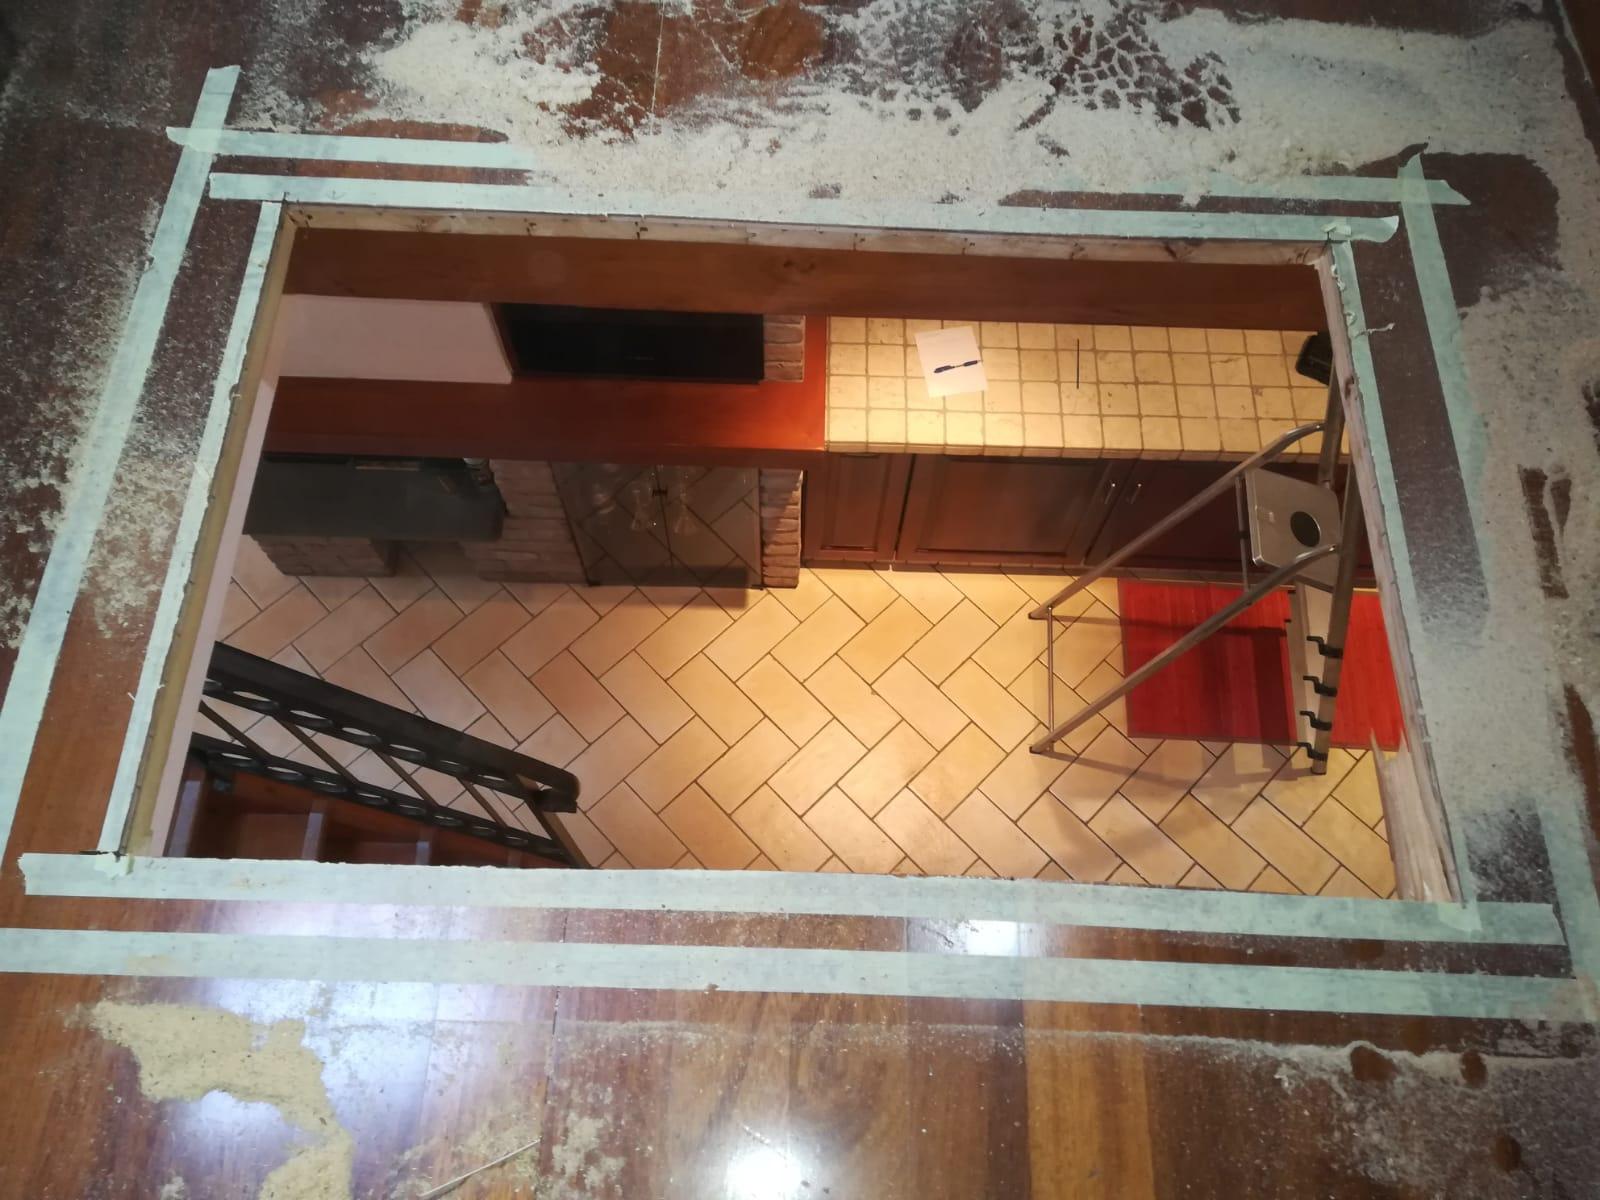 taglio del pavimento in legno del soppalco per acquisire luce dal tetto